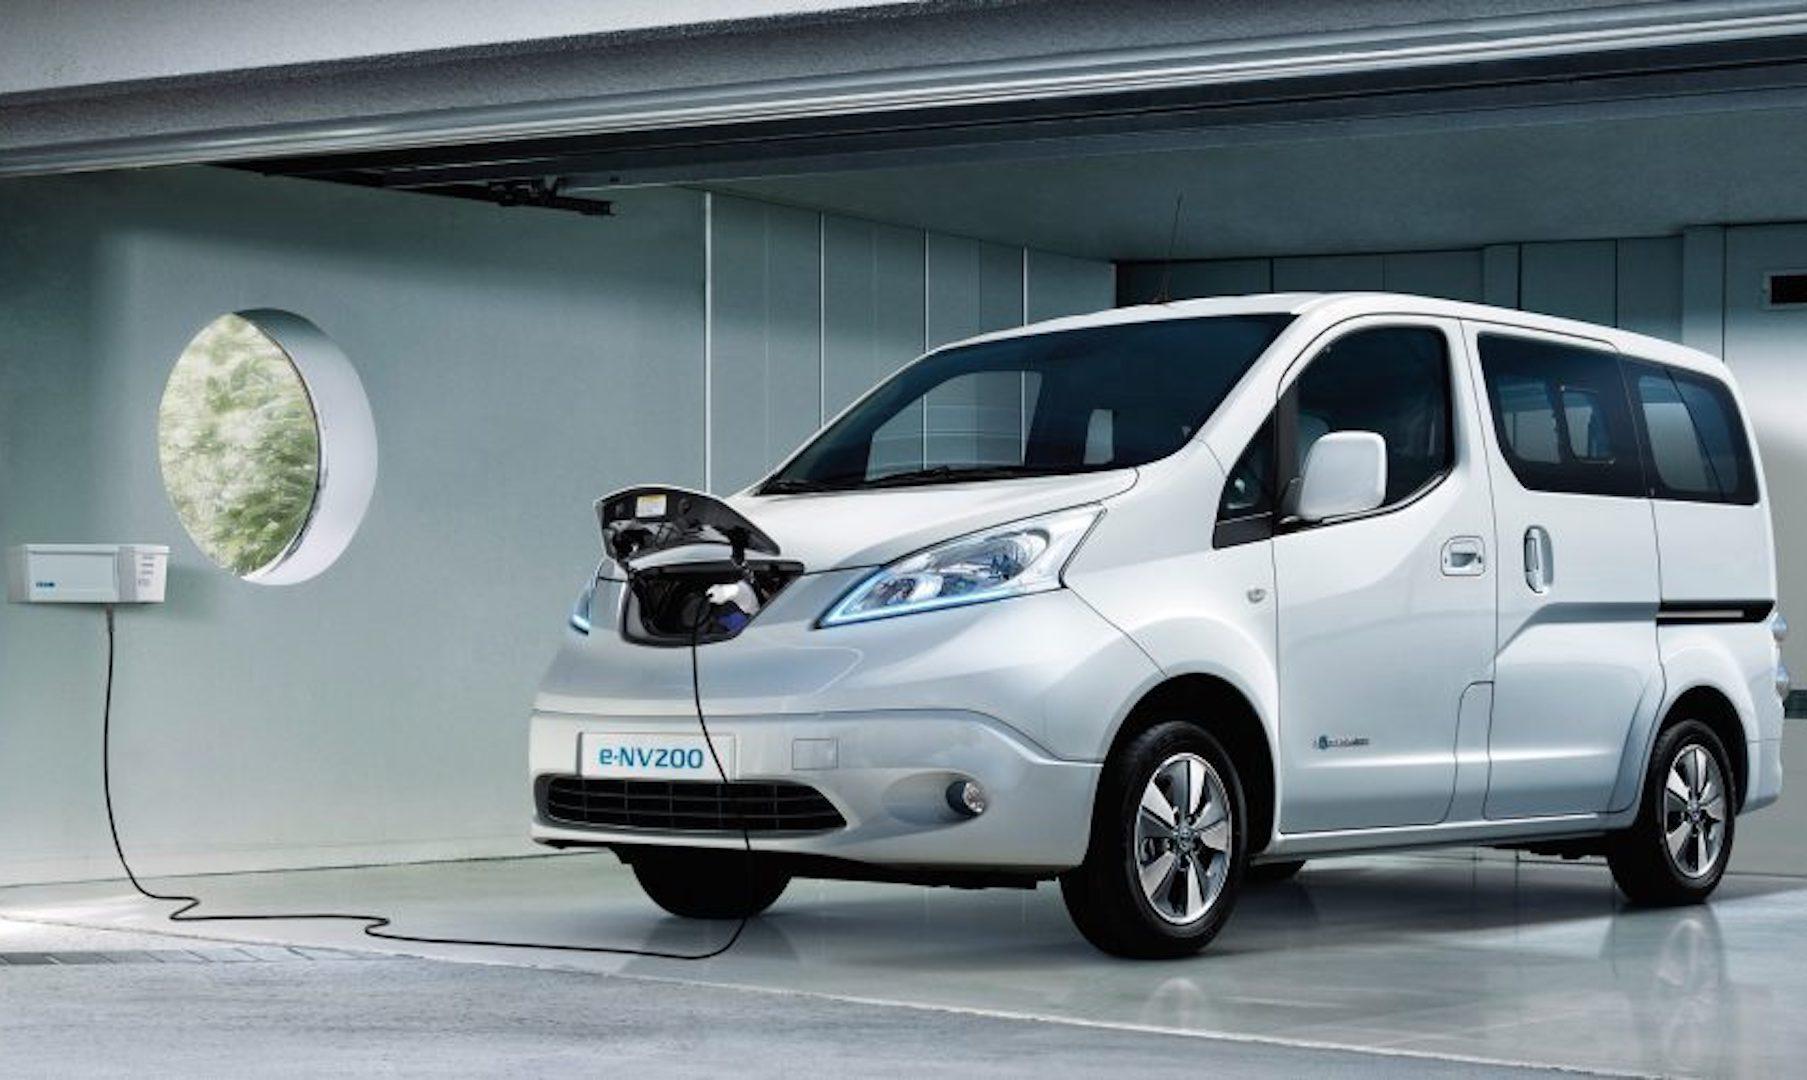 autonomia do Nissan E-NV200 Evalia